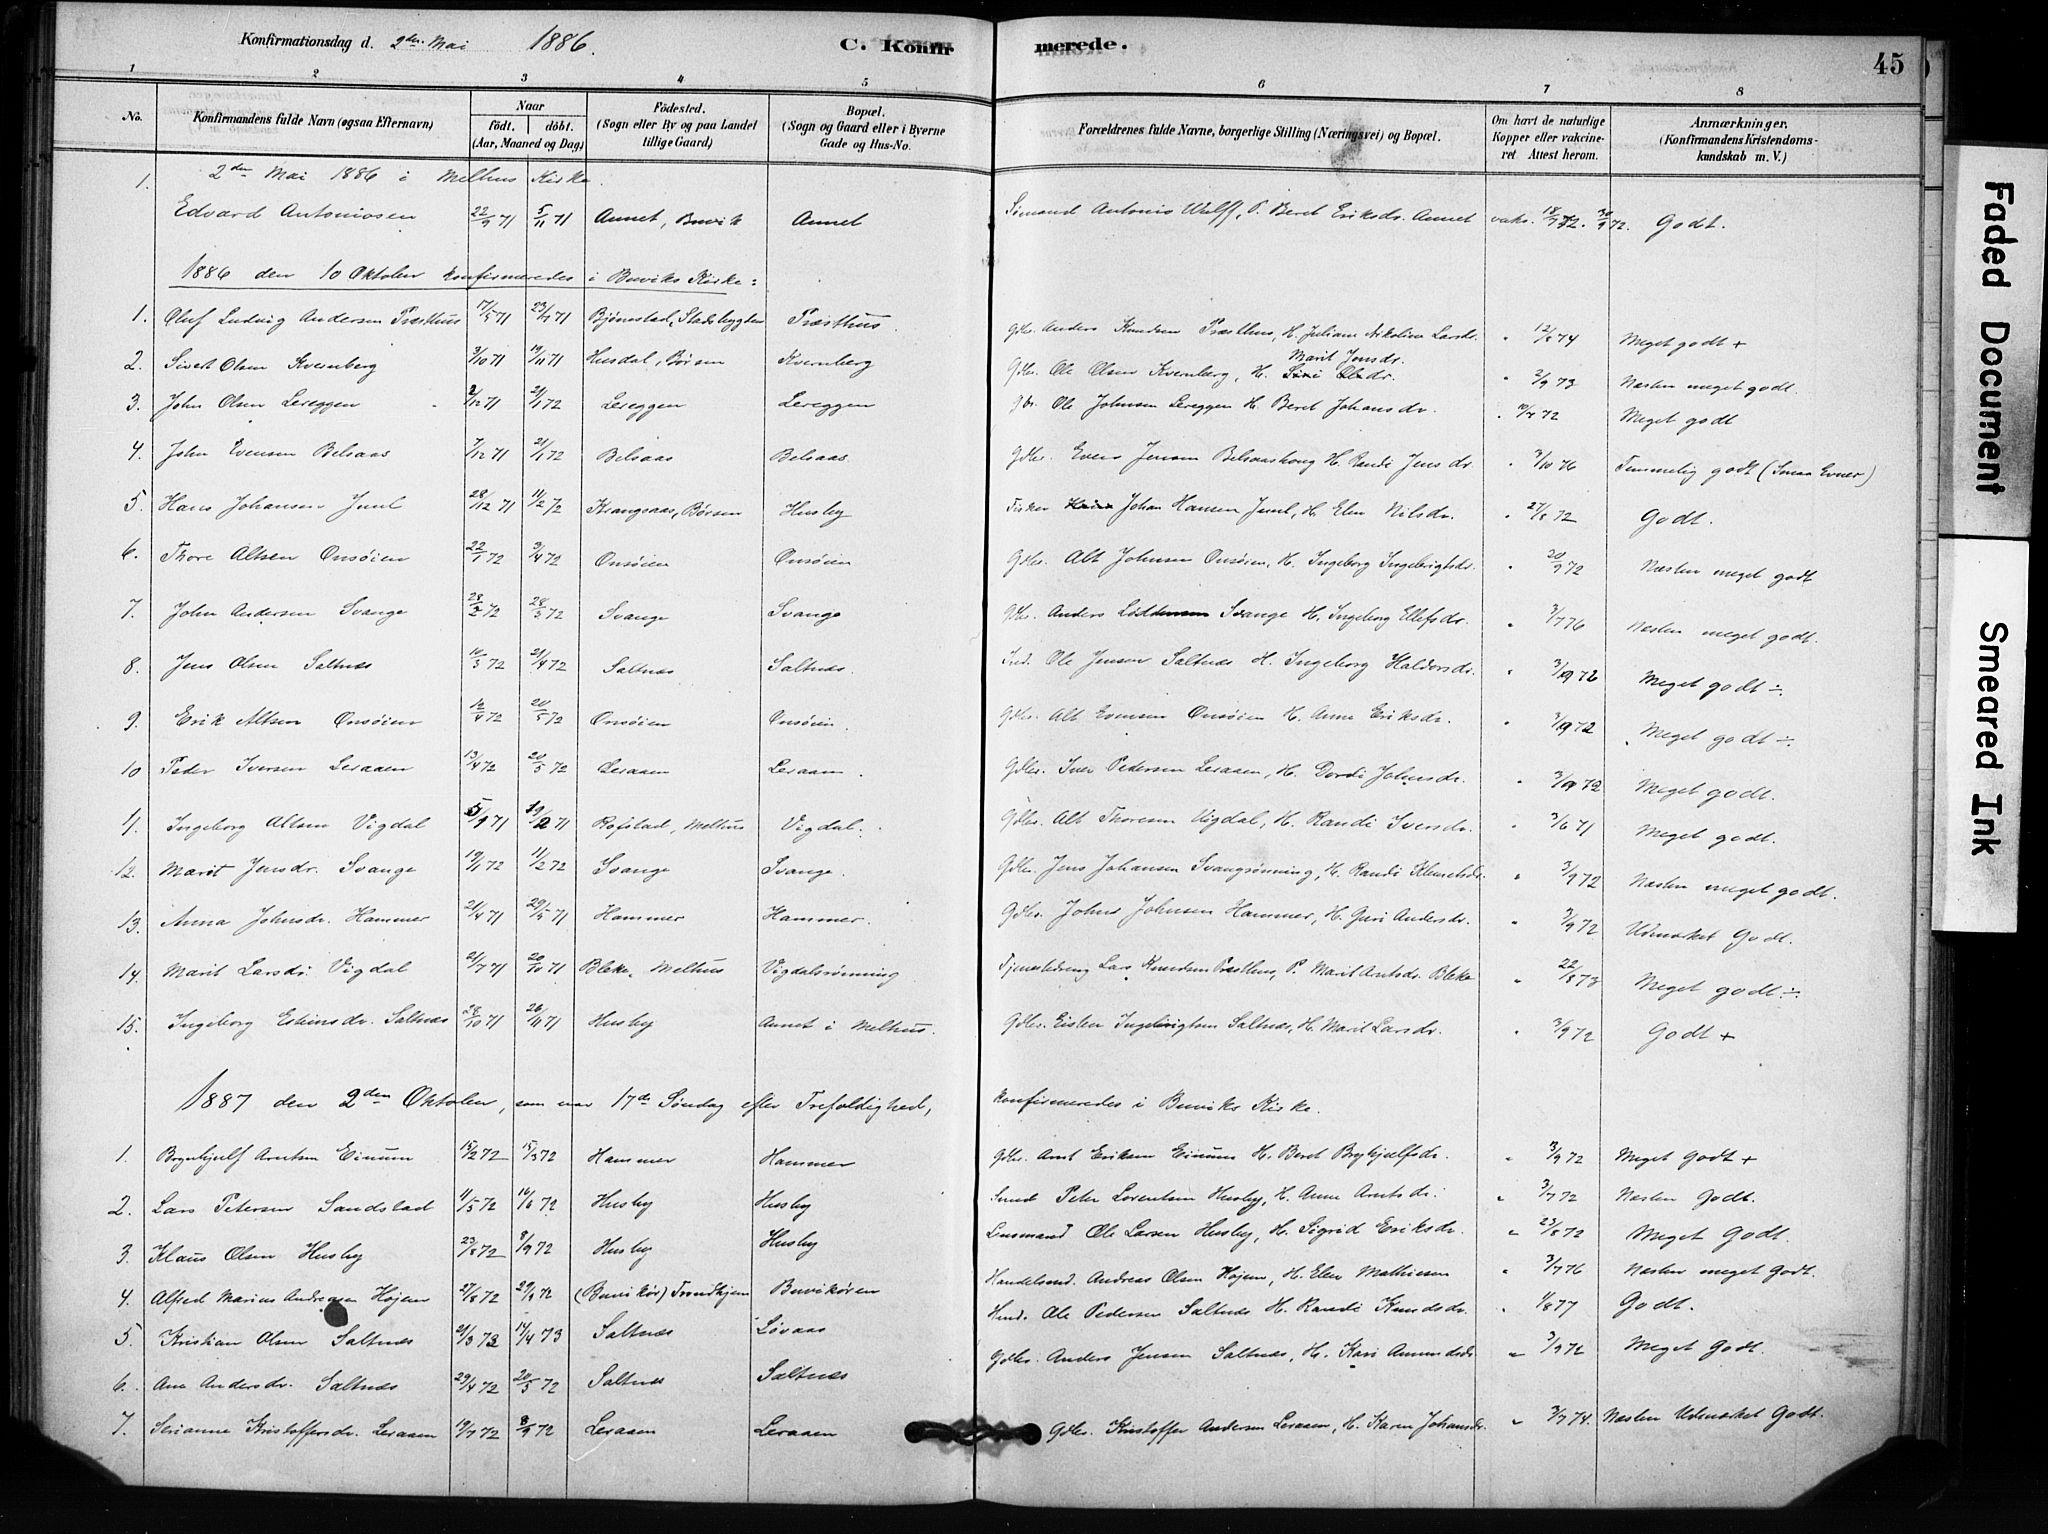 SAT, Ministerialprotokoller, klokkerbøker og fødselsregistre - Sør-Trøndelag, 666/L0786: Ministerialbok nr. 666A04, 1878-1895, s. 45